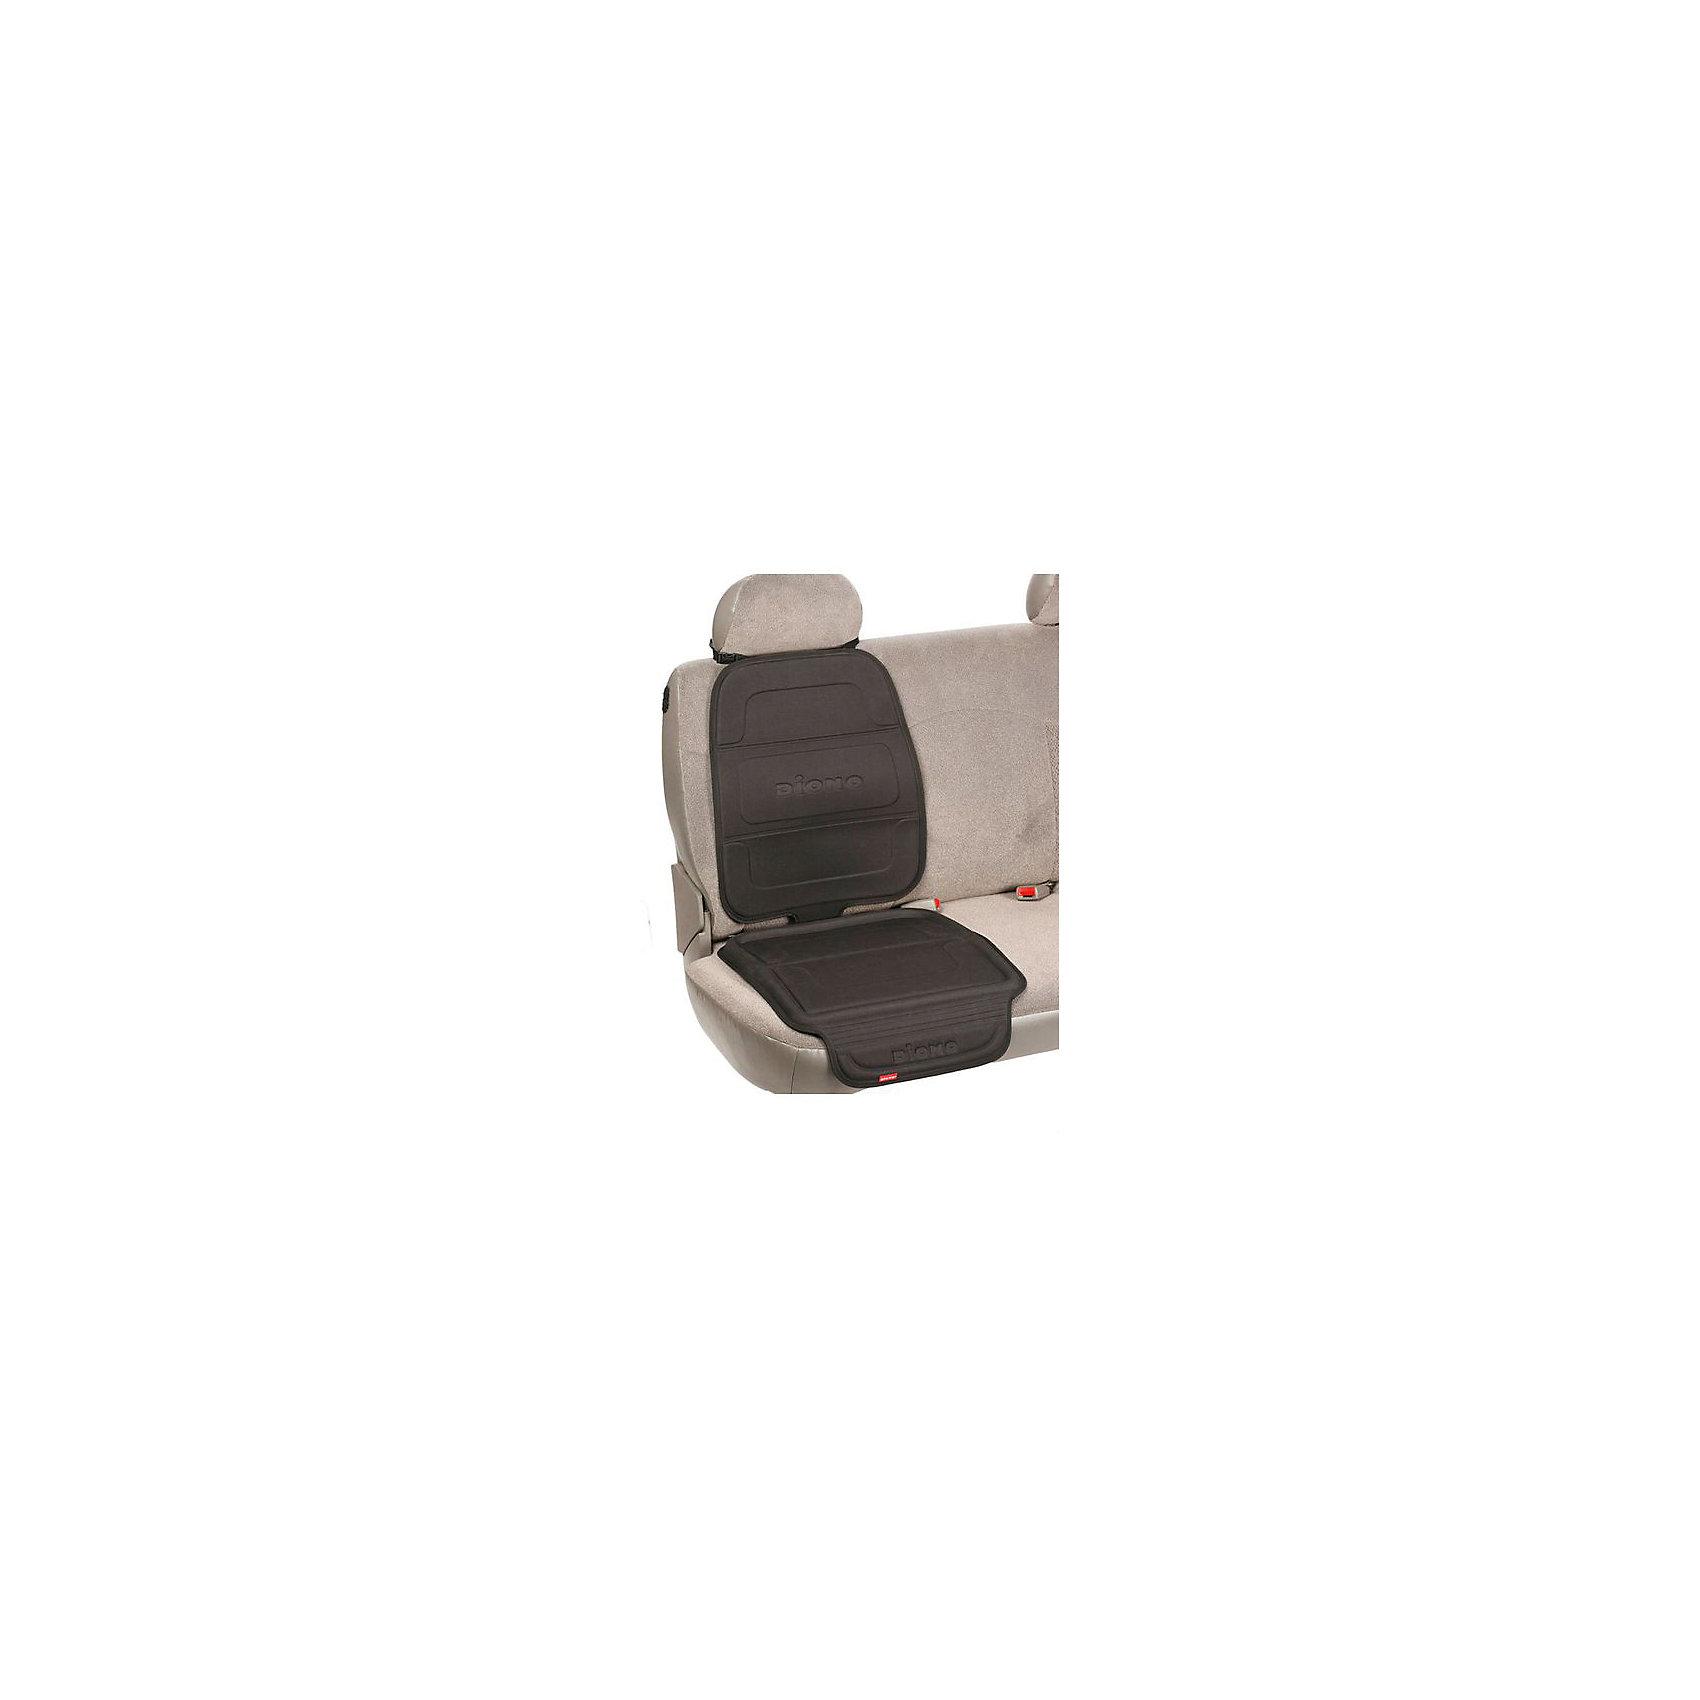 Чехол-накладка для автомобильного сидения Seat Guard Complete, DionoАксессуары<br>Чехол-накладка для автомобильного сидения Seat Guard Complete, Diono создан для защиты авто сидения от возможных загрязнений. В нижней части находится небольшой выступ, чтобы гразь с ботинок ребёнка или пролитые жидкости не испачкали салон автомобиля. Его легко зафиксировать к подголовнику. Можно закрепить на чехол автокресло, что обеспечит более надёжную фиксацию. <br><br>Дополнительная информация:<br>-Марка: Diono<br>-Размер: 58х50 см<br><br>Чехол-накладку для автомобильного сидения Seat Guard Complete, Diono можно приобрести в нашем интернет-магазине.<br><br>Ширина мм: 318<br>Глубина мм: 254<br>Высота мм: 51<br>Вес г: 1100<br>Возраст от месяцев: 0<br>Возраст до месяцев: 144<br>Пол: Унисекс<br>Возраст: Детский<br>SKU: 5089866